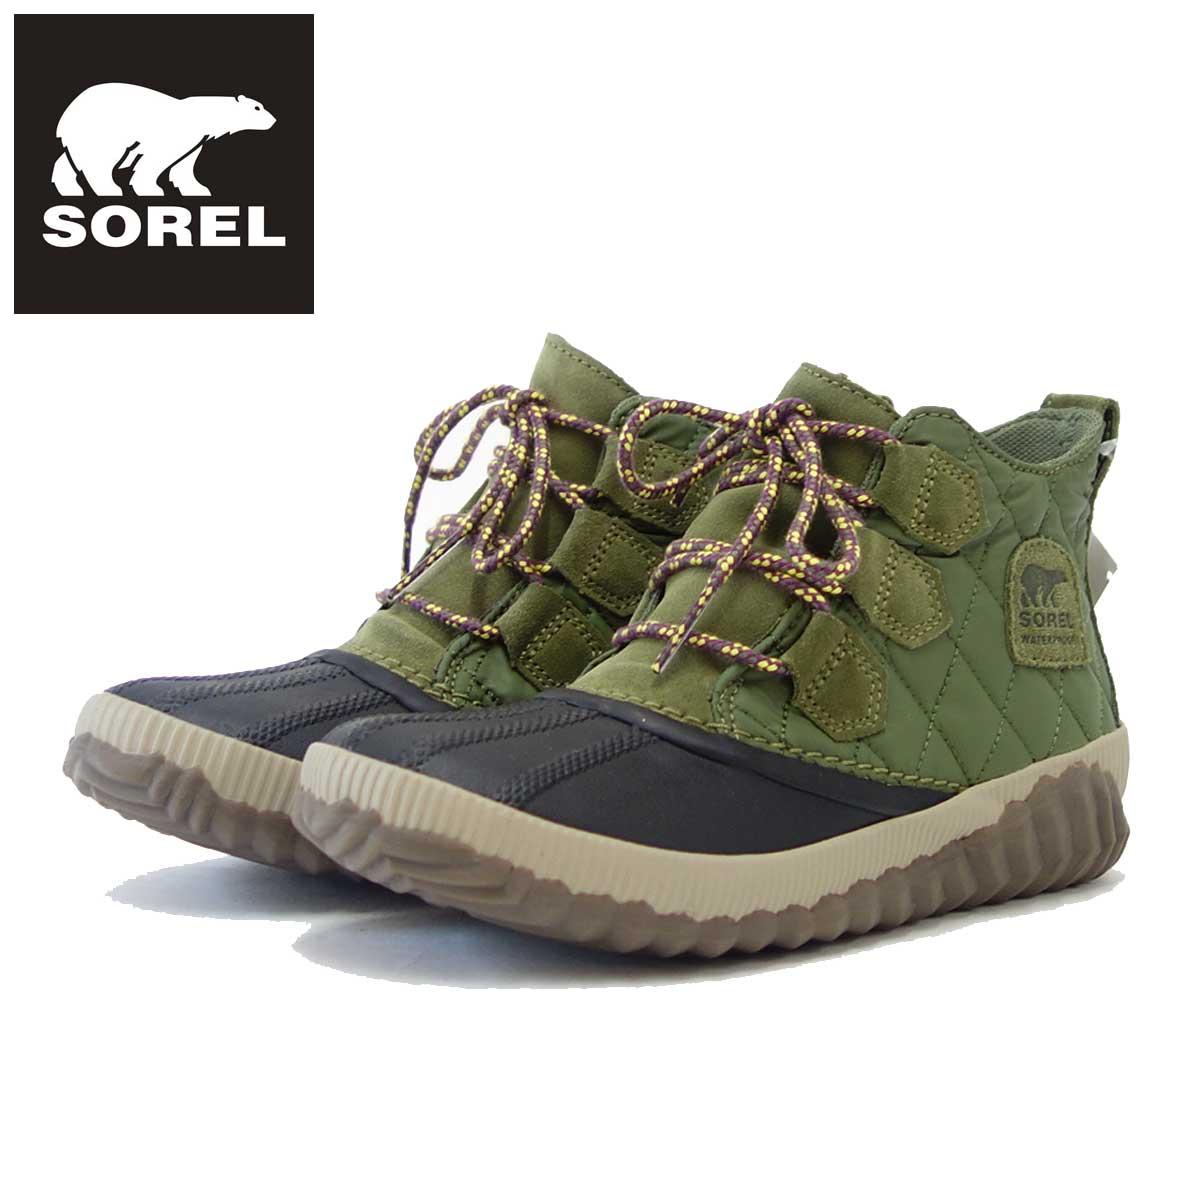 ソレル SOREL NL 3152(レディース) アウトアンドアバウト 2 キャンプ:グリーン (371) 保温性・撥水性抜群の快適ウィンターブーツ 「靴」